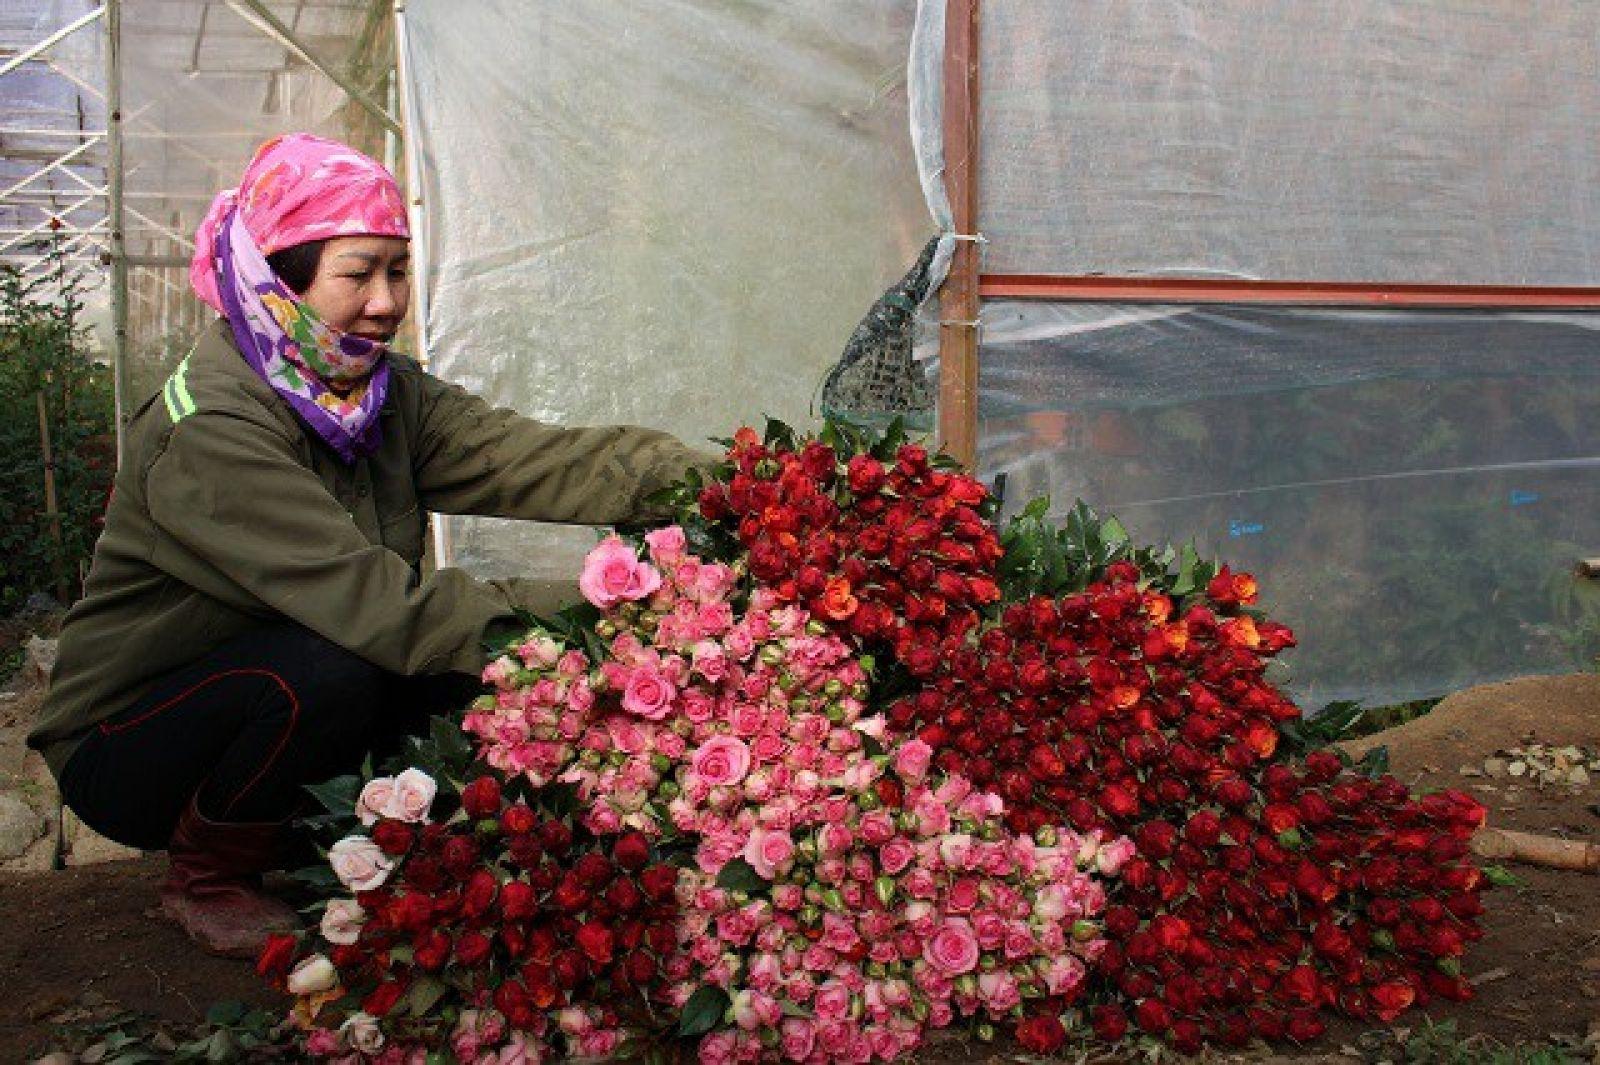 Bà Bốn bên những bó hoa hồng mang lại thu nhập cao cho gia đình bà và người dân trong vùng.